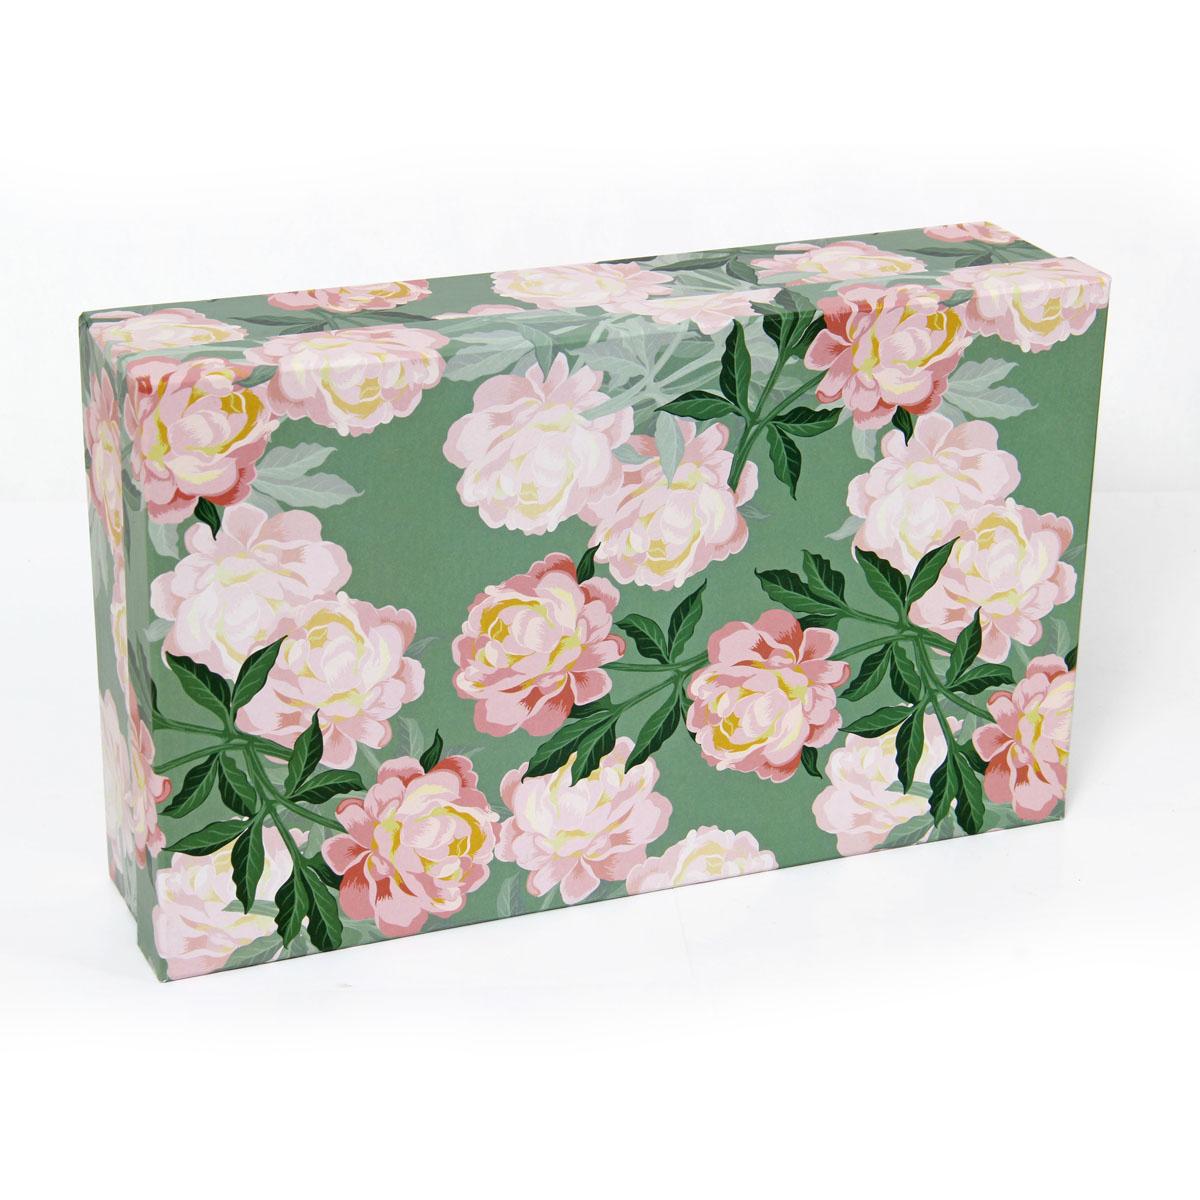 Набор подарочных коробок Veld-Co Ароматные пионы, прямоугольные, 5 шт набор подарочных коробок veld co грезы путешественника 11 шт